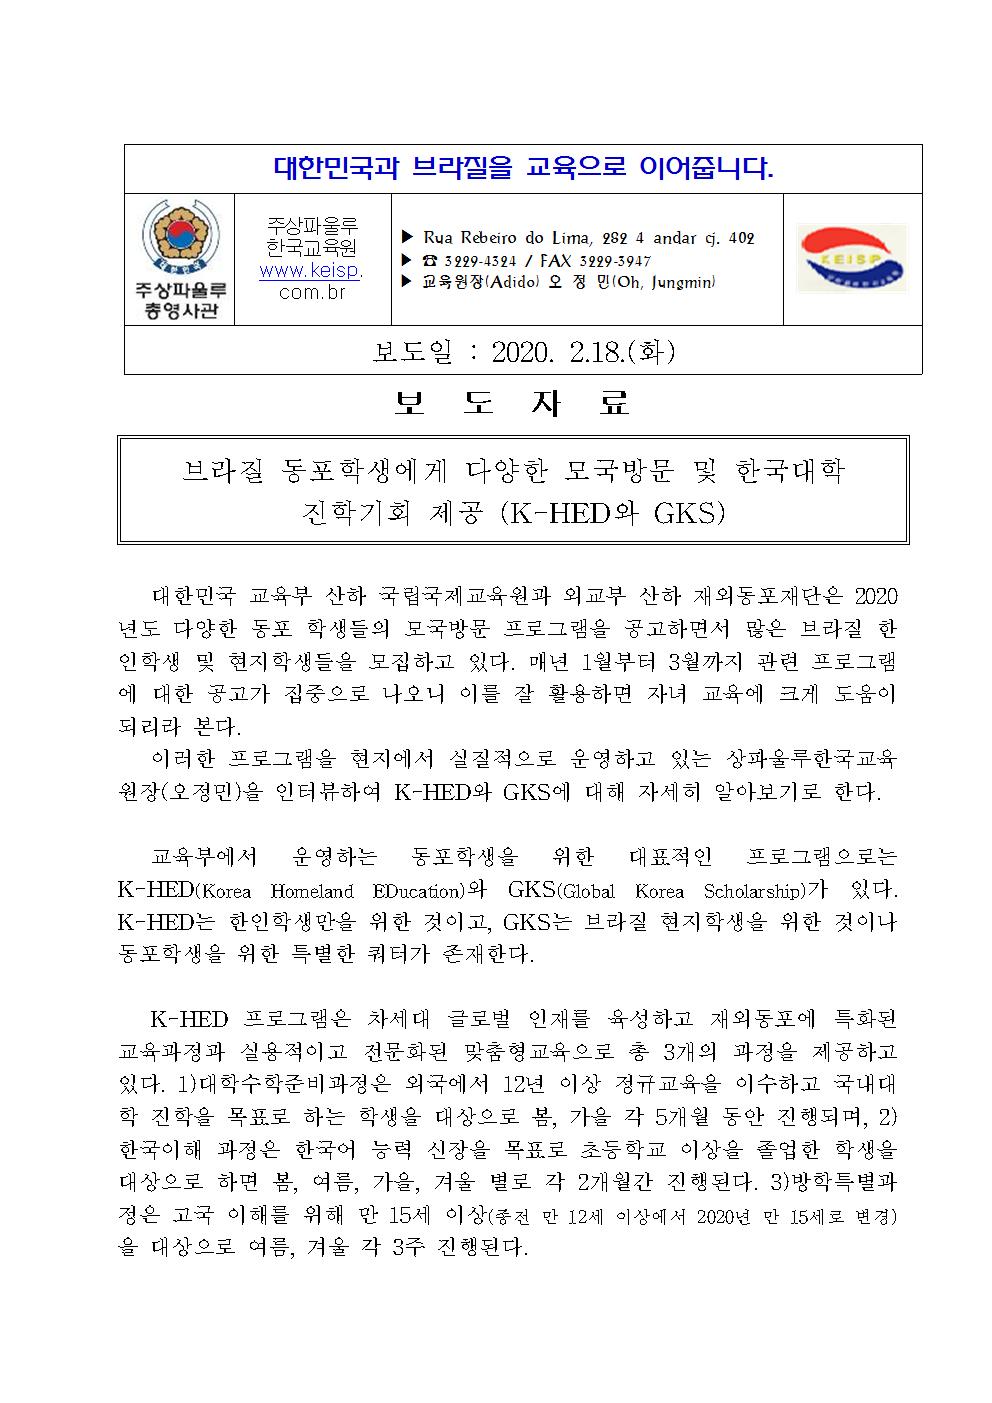 200218 한국정부 다양한 모국방문 및 진학기회 제공001.png